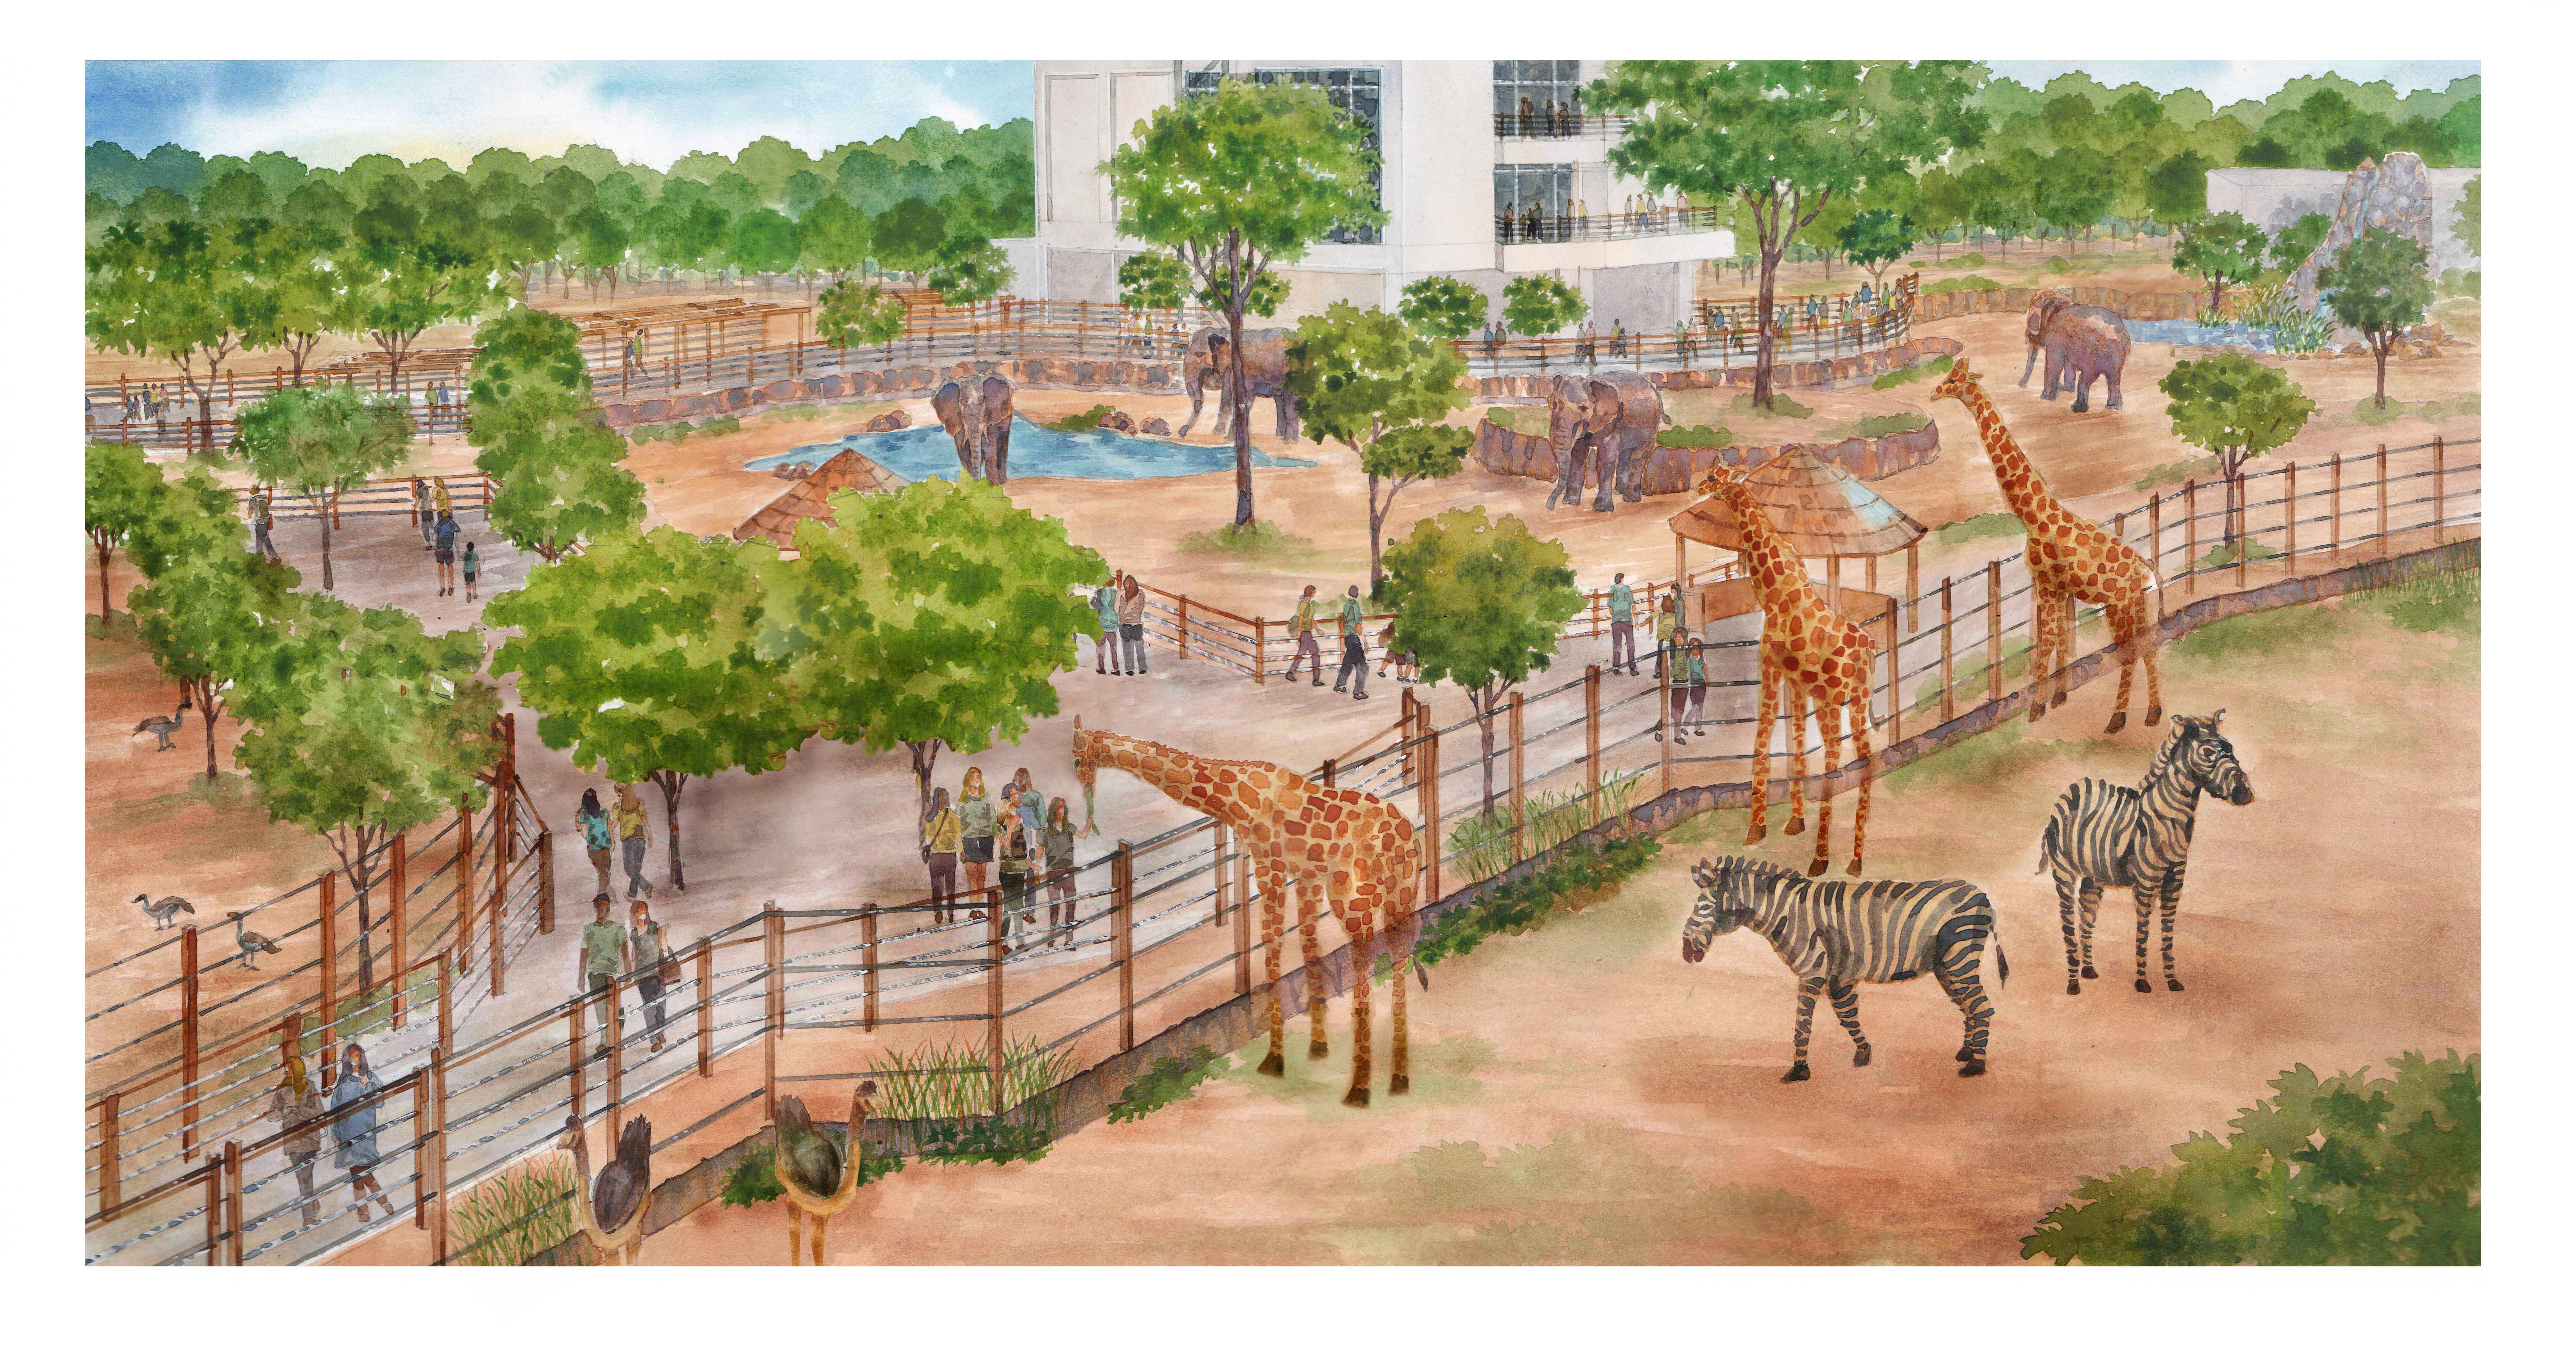 April 12 Zoo View 4.jpg